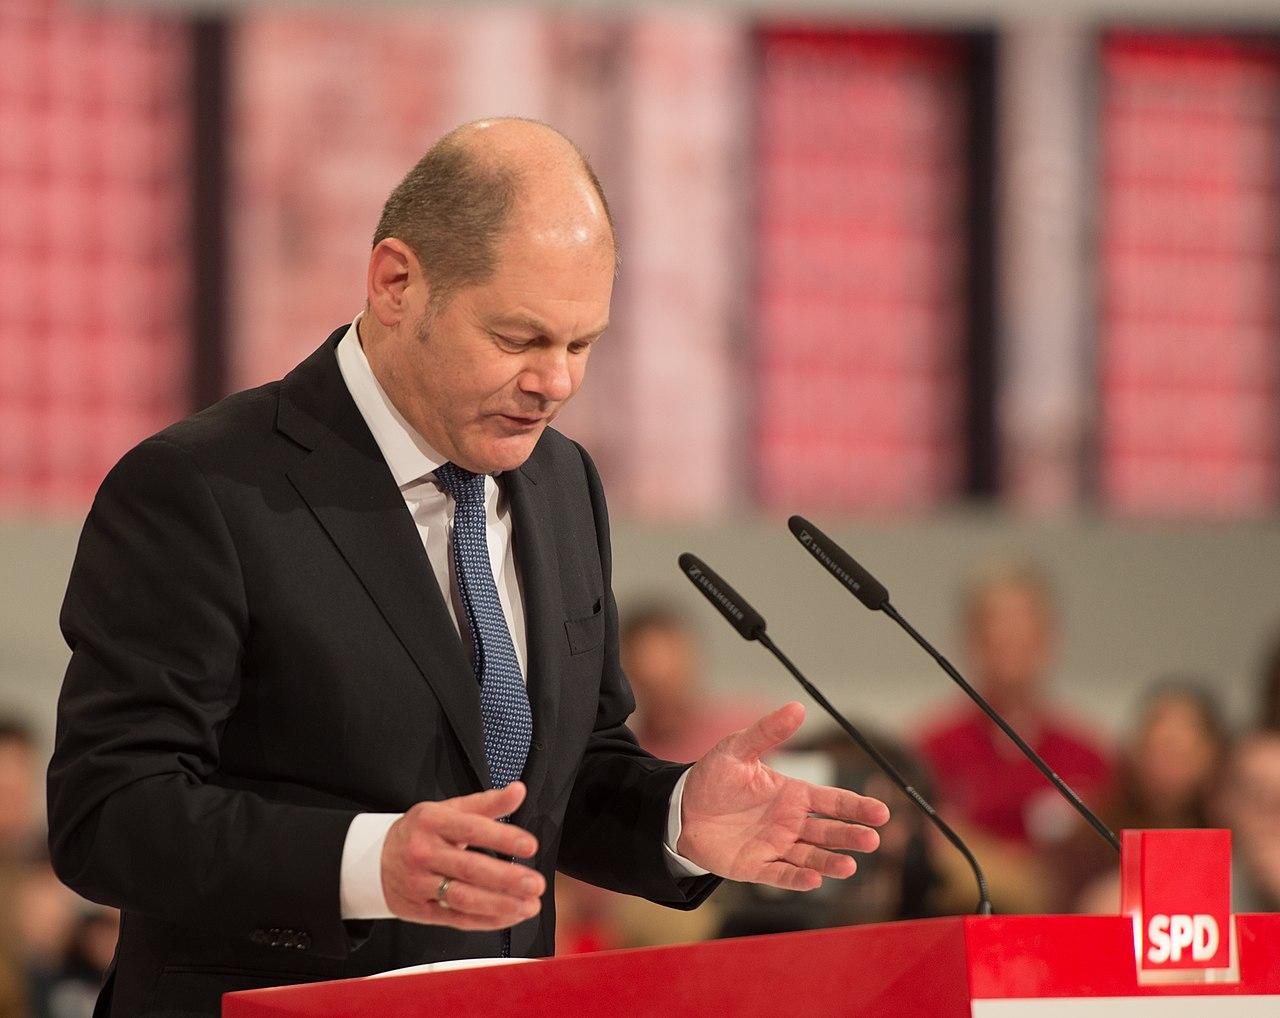 2017-03-19 Olaf Scholz SPD Parteitag by Olaf Kosinsky-4.jpg